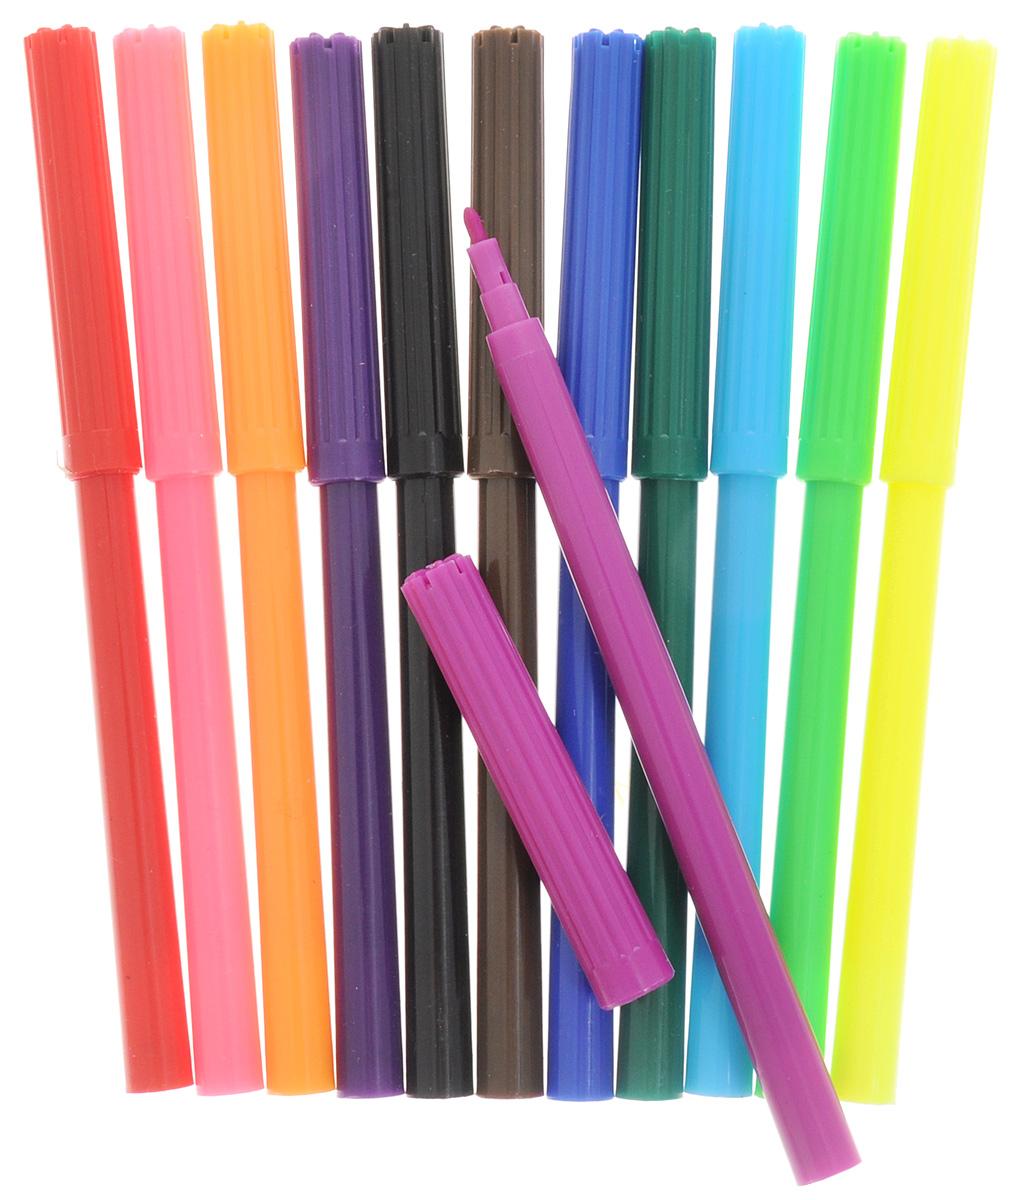 Набор Silwerhof Бабочки содержит фломастеры 12 ярких насыщенных цветов. Корпус фломастеров изготовлен из полипропилена. Безопасные чернила на водной основе легко отстирываются и смываются. Маленький диаметр удобен для детских пальчиков. Фломастеры оснащены вентилируемыми колпачками. Ширина линии письма: 1 мм. Фломастеры Silwerhof откроют юным художникам новые горизонты для творчества, а также помогут отлично развить мелкую моторику рук, цветовое восприятие, фантазию и воображение, способствуют самовыражению.